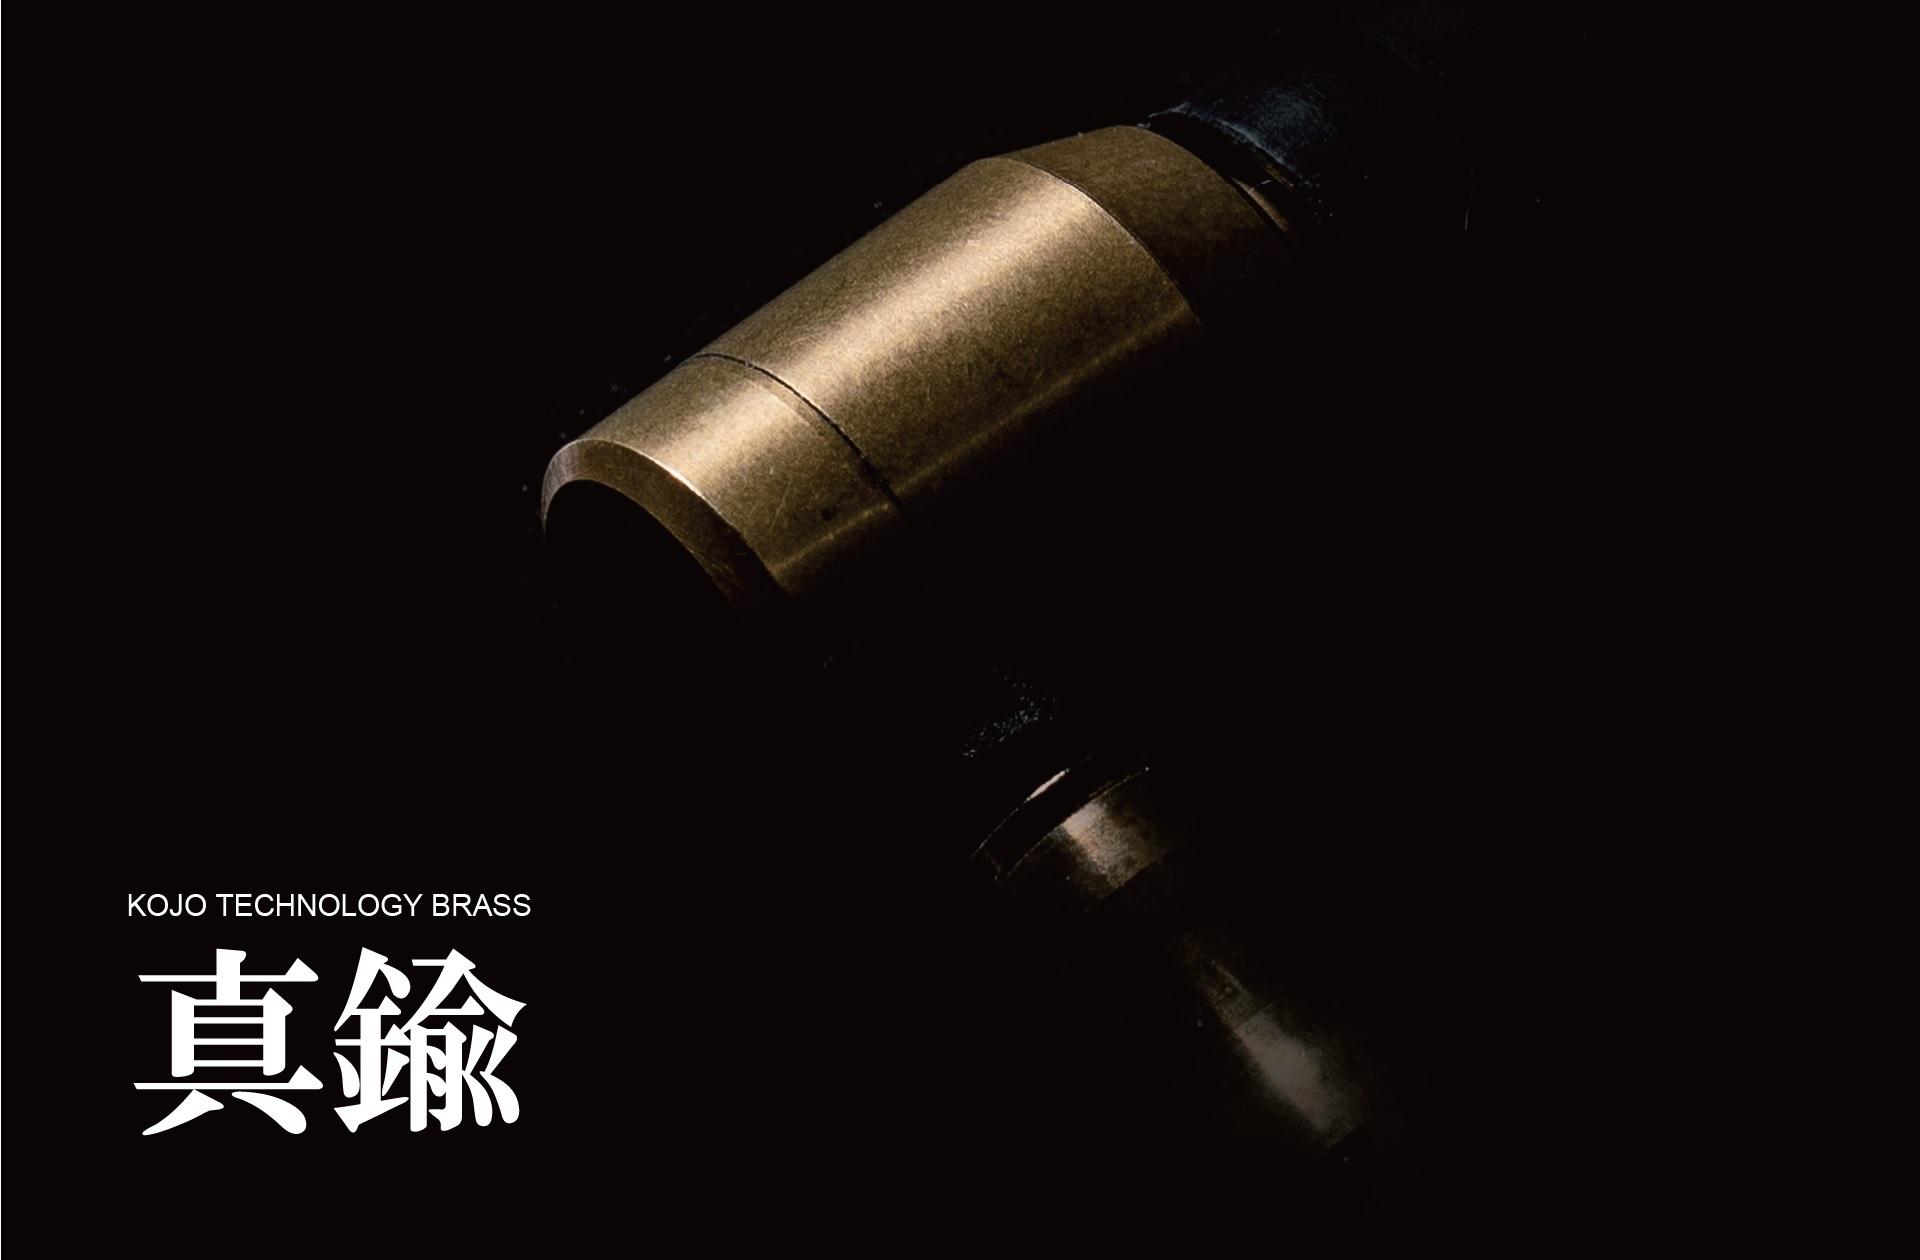 【光城精工】光城精工初の完全オリジナル真鍮筐体、 mmcxハイレゾイヤフォン(最終サンプル)お披露目です!